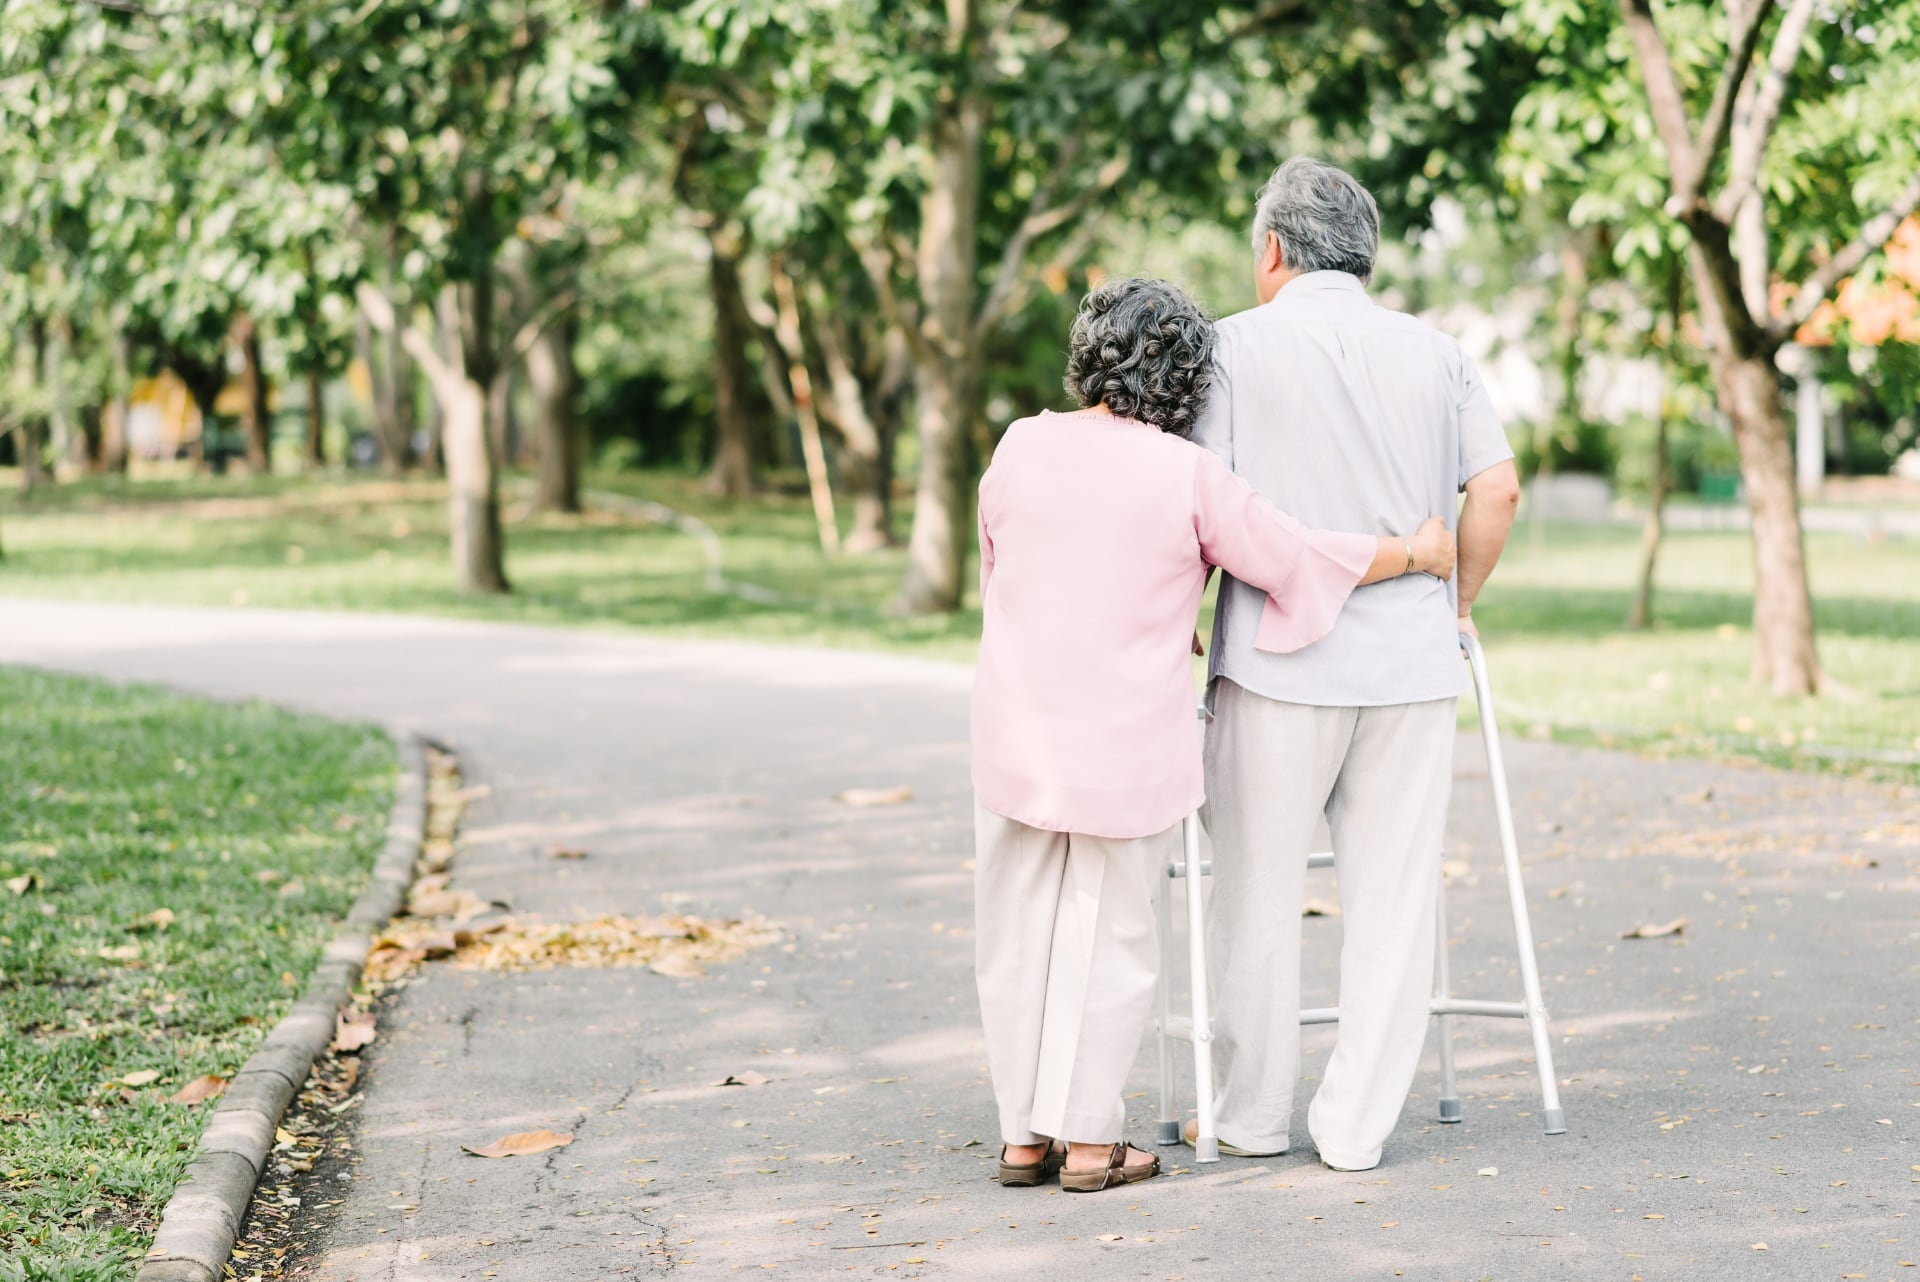 Personnes âgées à mobilité réduite qui se baladent